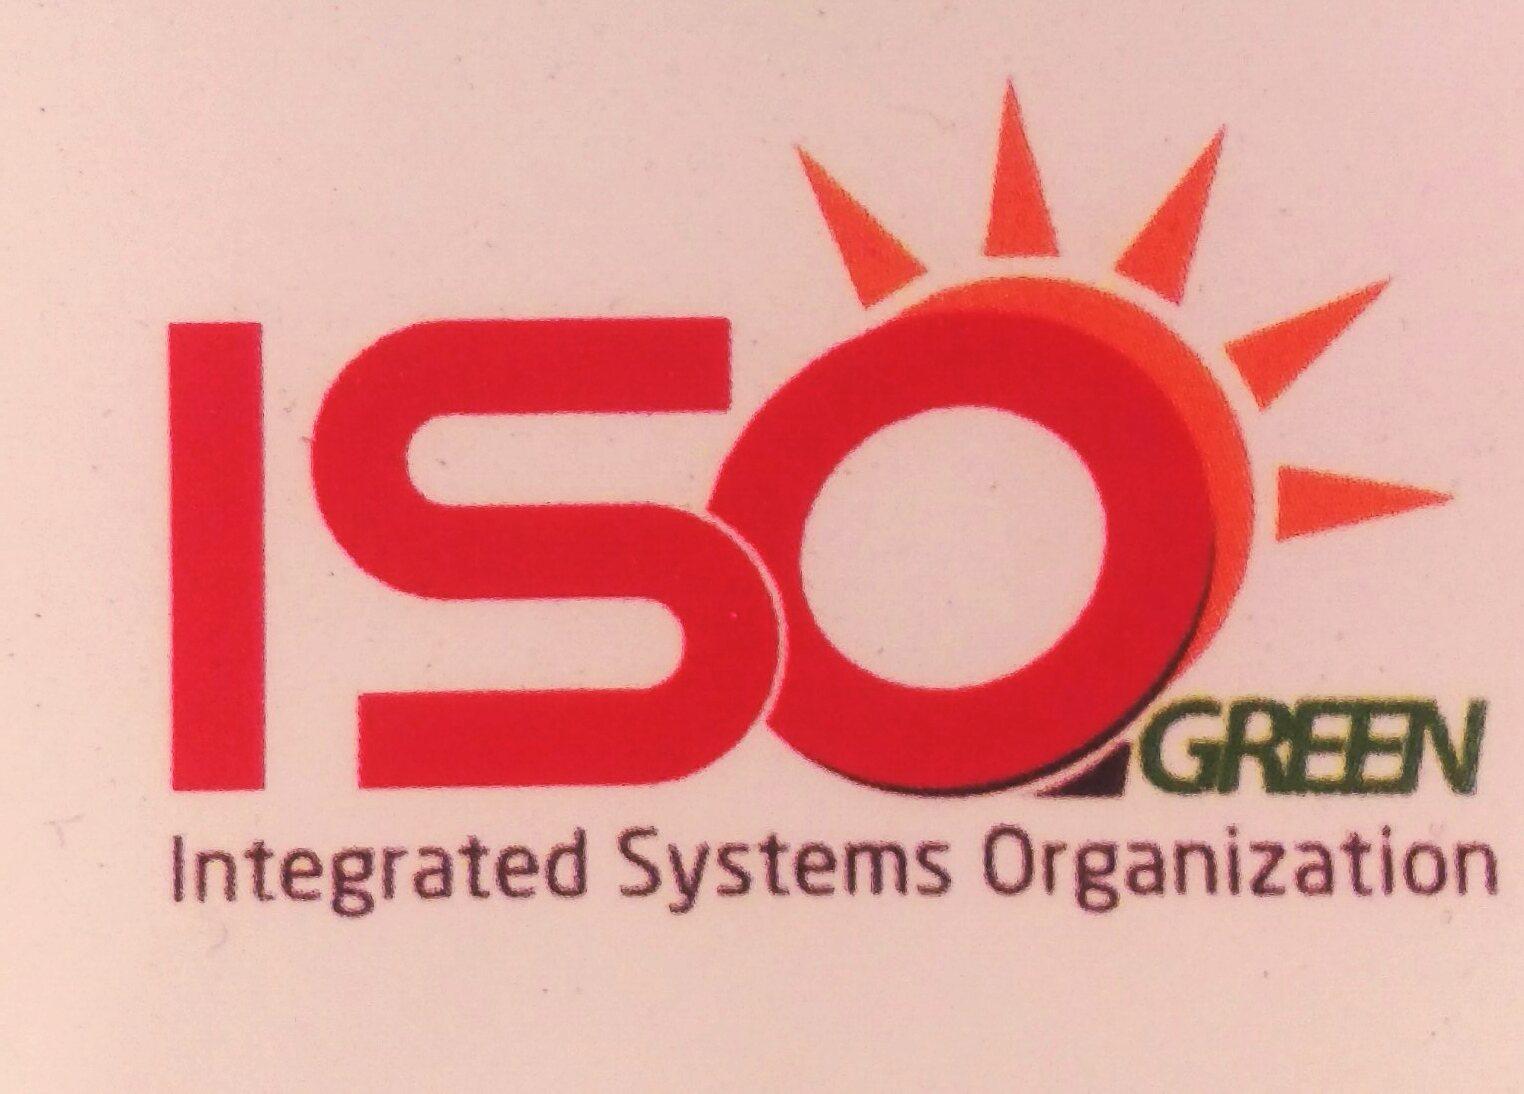 العصرية للانظمة المتكاملة